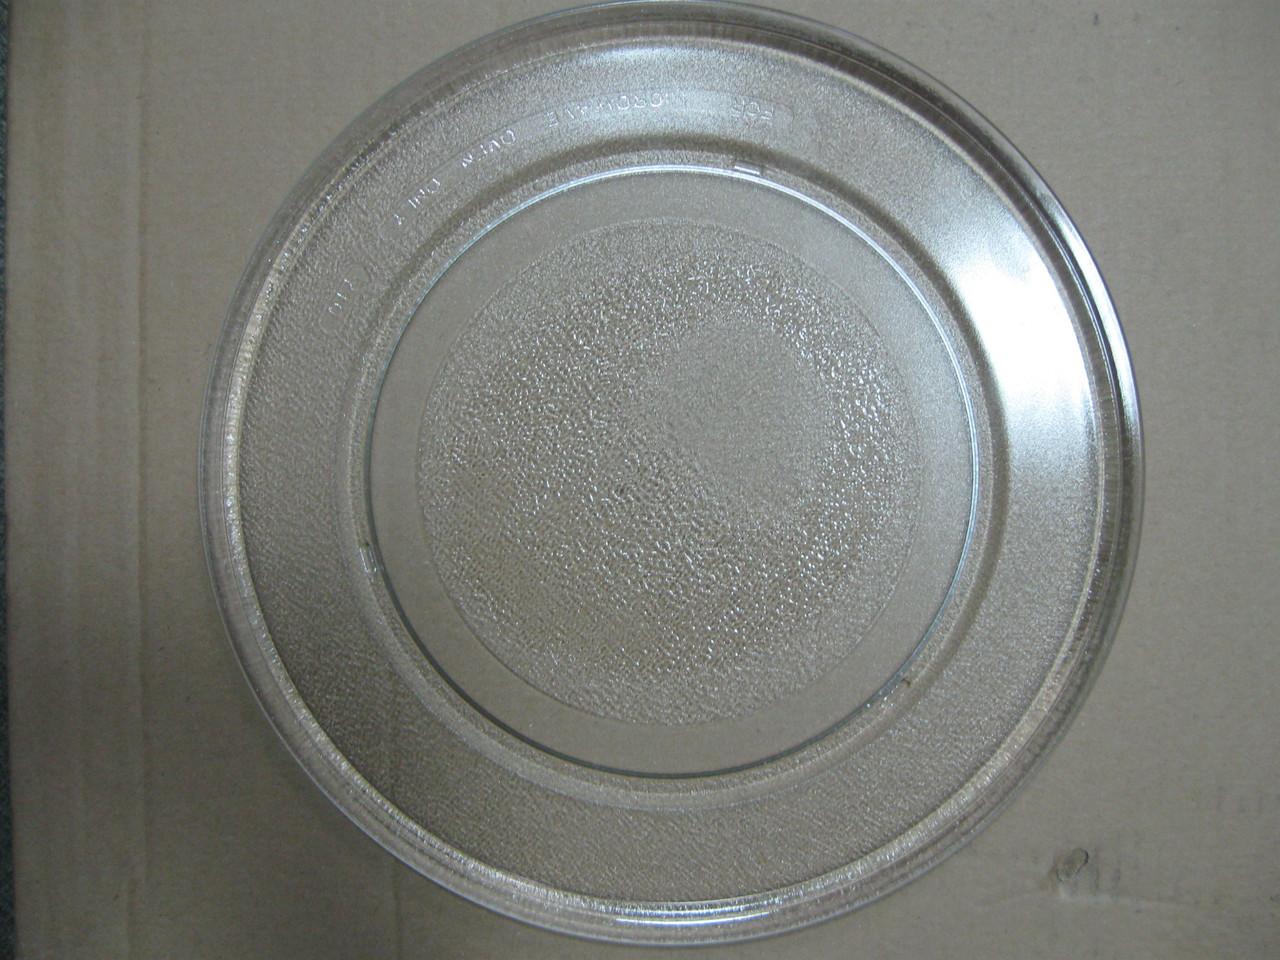 Тарелка для микроволновой печи LG 284мм, MJS62593401